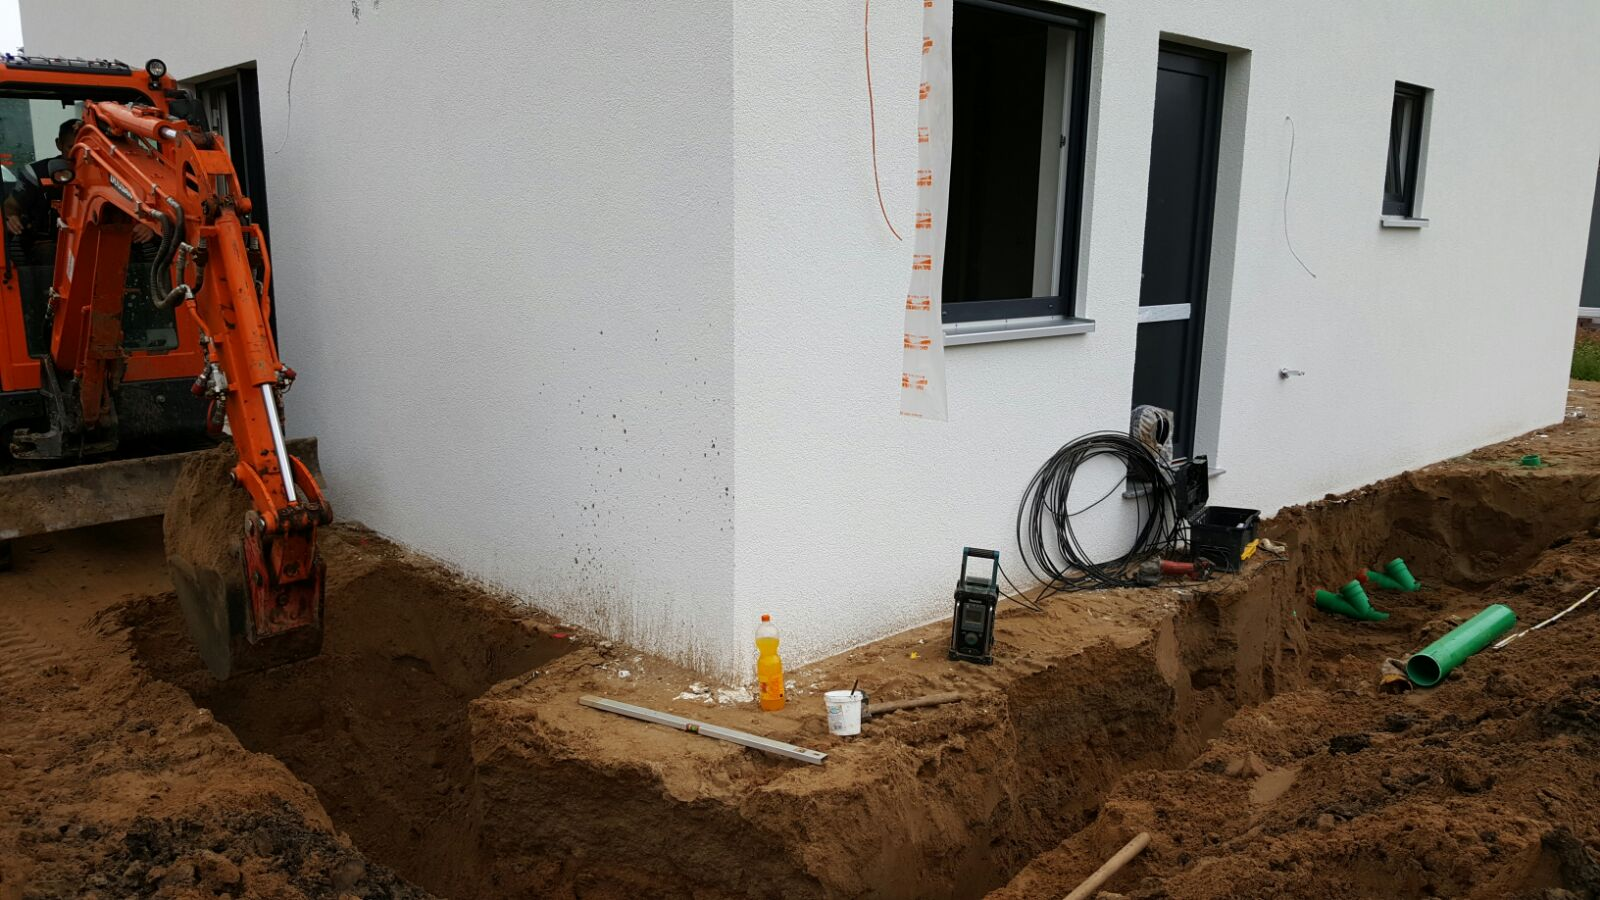 stadtvilla in elmenhorst: chaos bei den hausanschlüssen